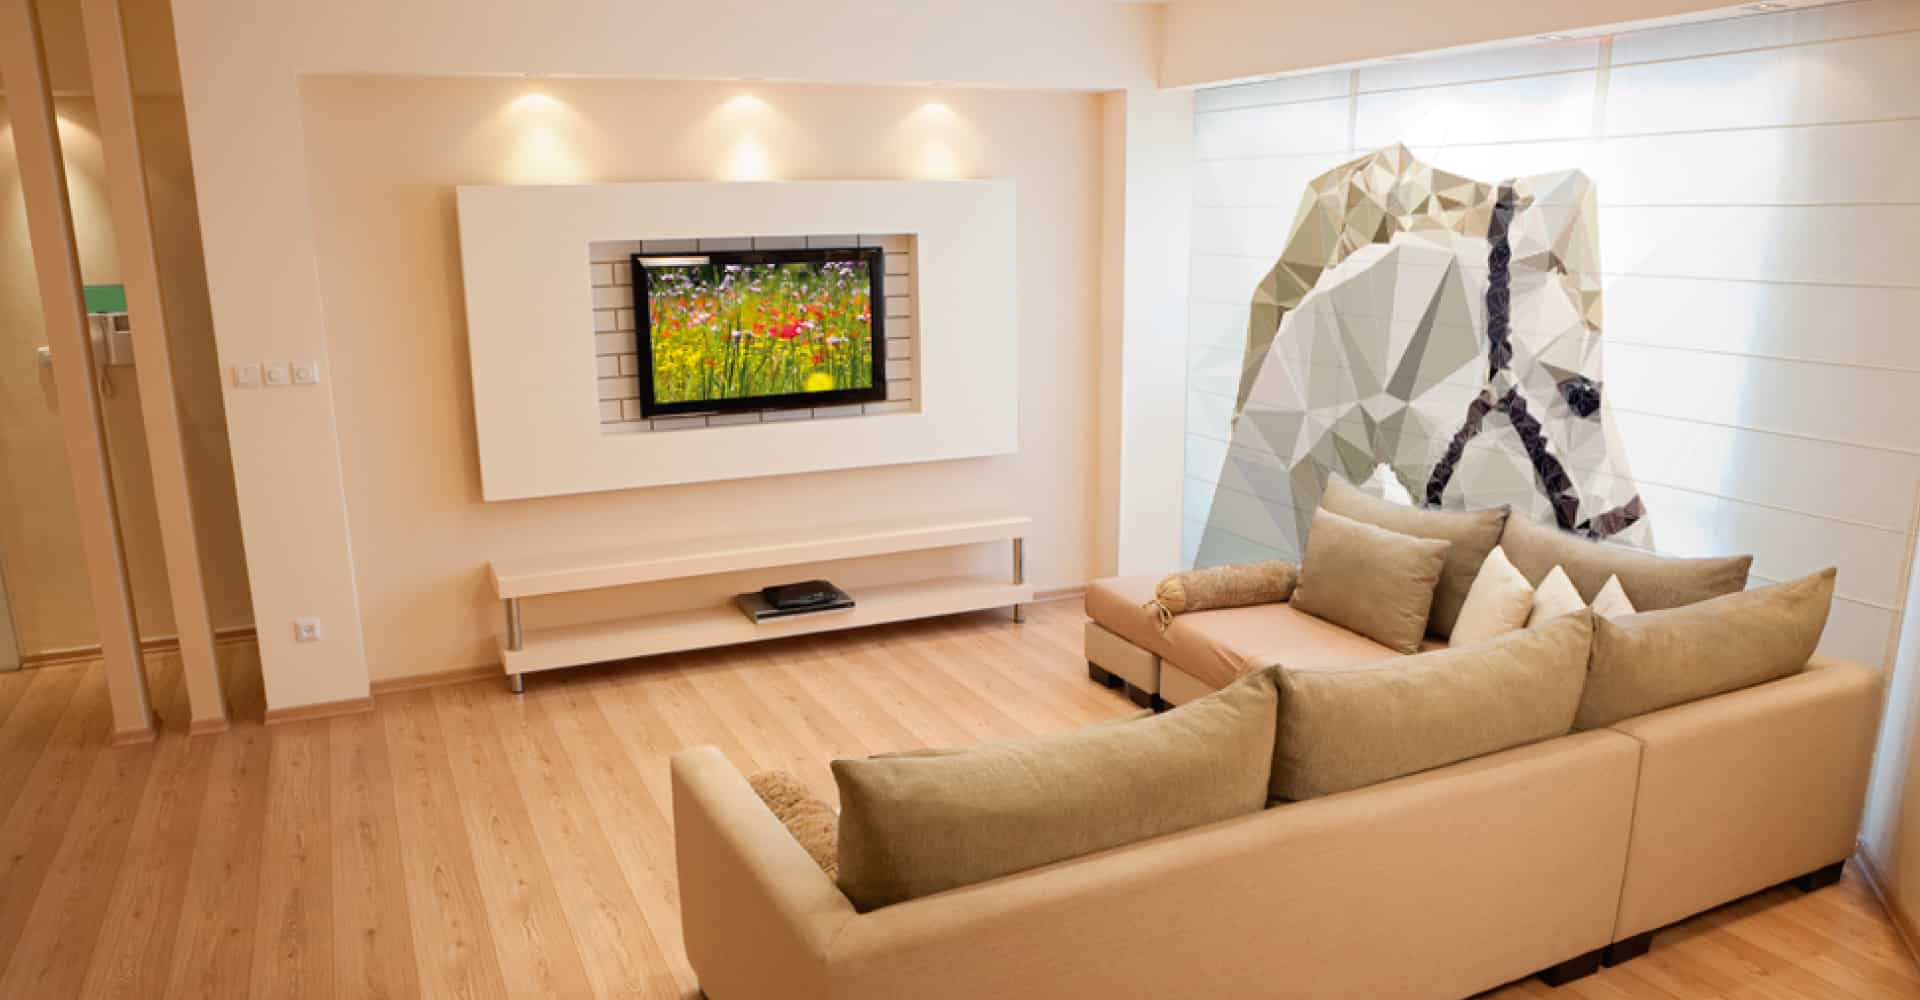 persianas impresas en sala de estar